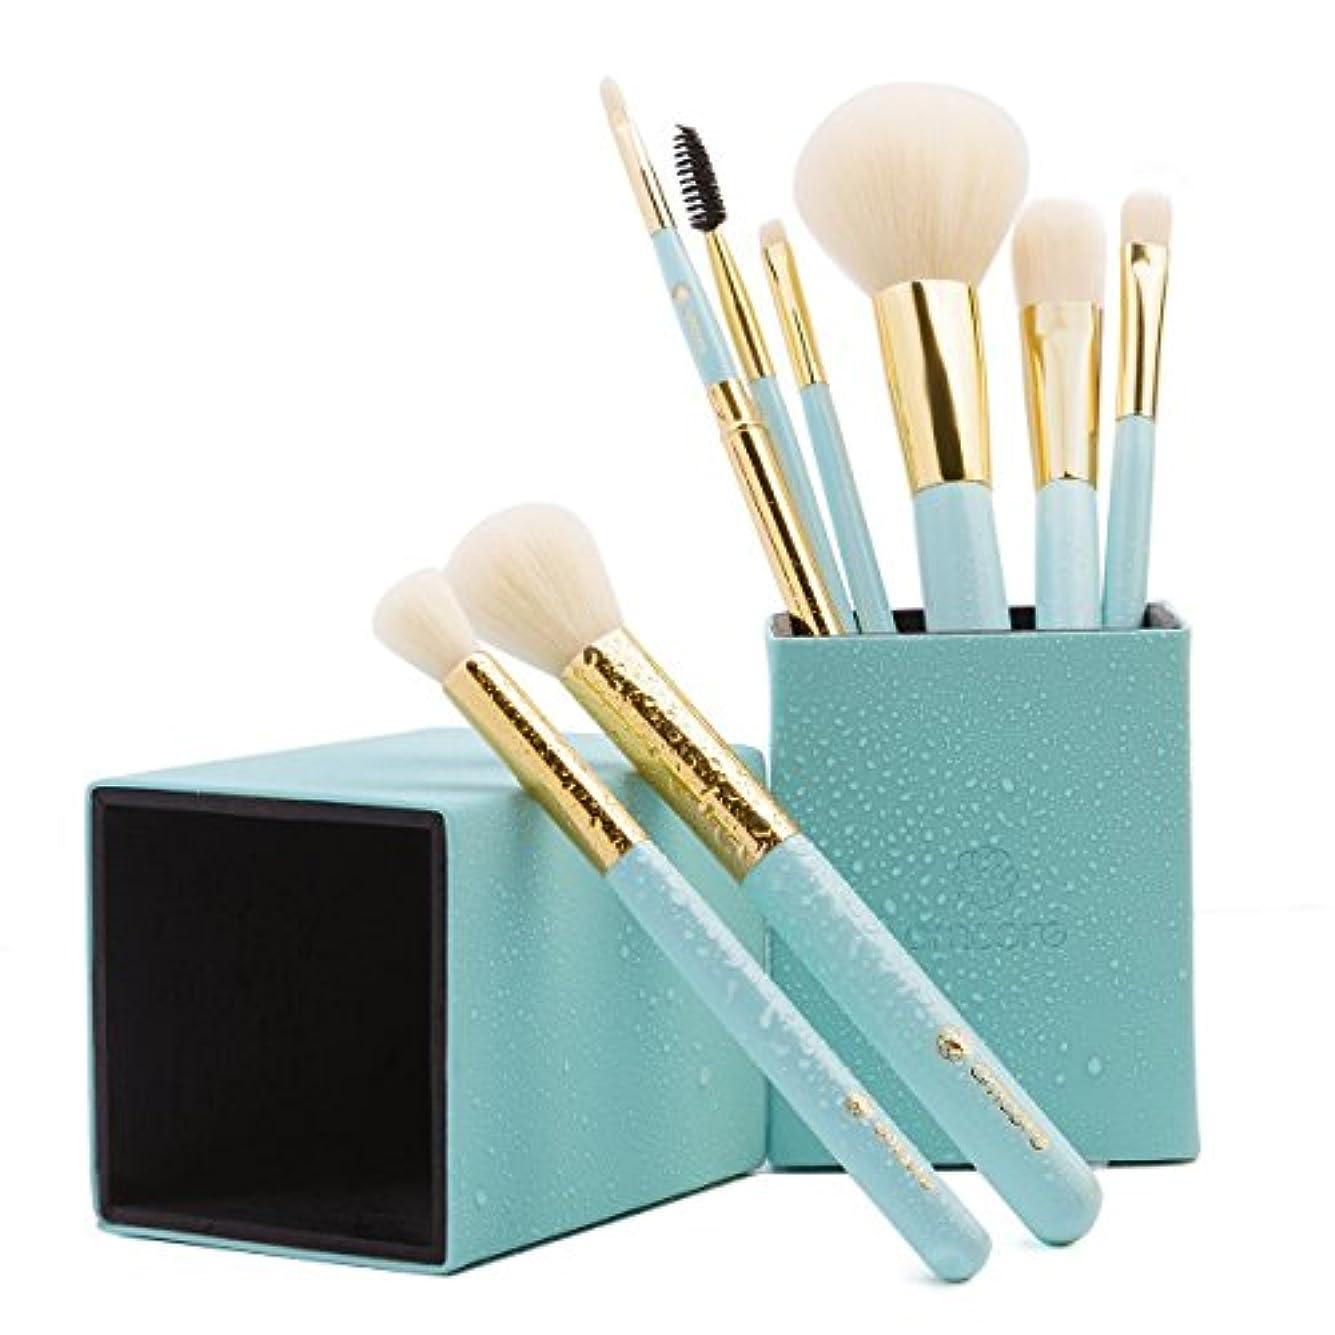 内向きシーボード靴下amoore 8本 化粧筆 メイクブラシセット 化粧ブラシ セット コスメ ブラシ 収納ケース付き (8本, ミントグリーン)